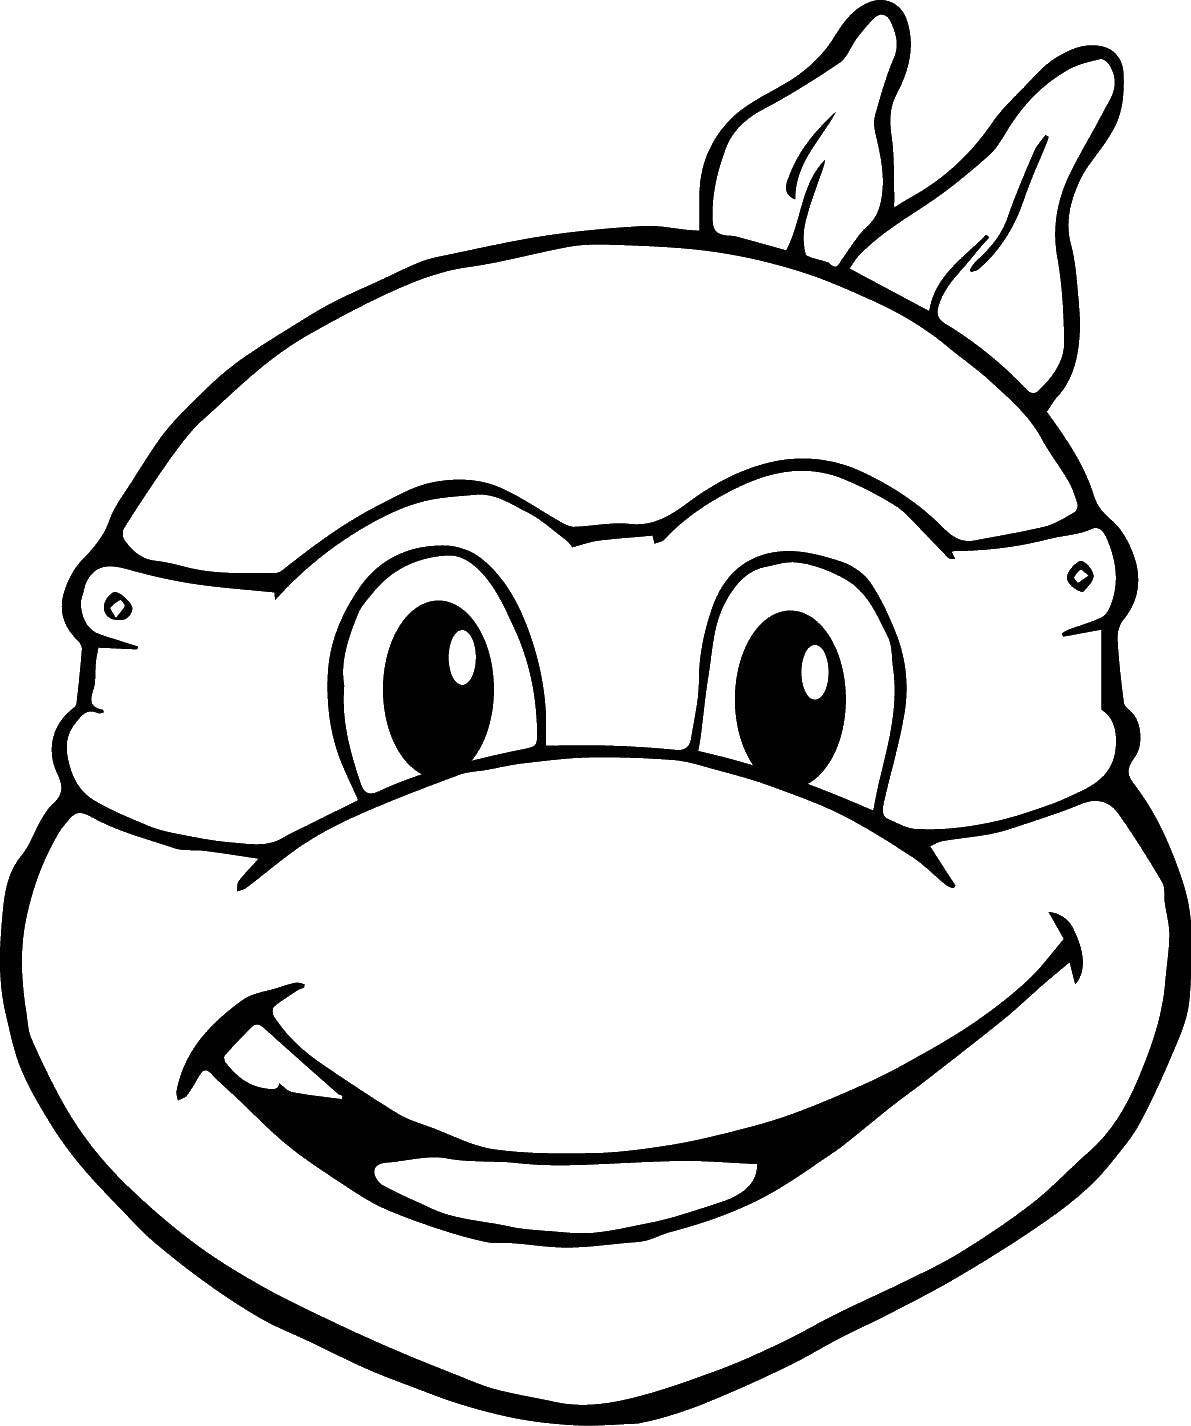 Раскраска Черепашка ниндзя маска Скачать ,мультфильмы, черепашки ниндзя, маски,.  Распечатать